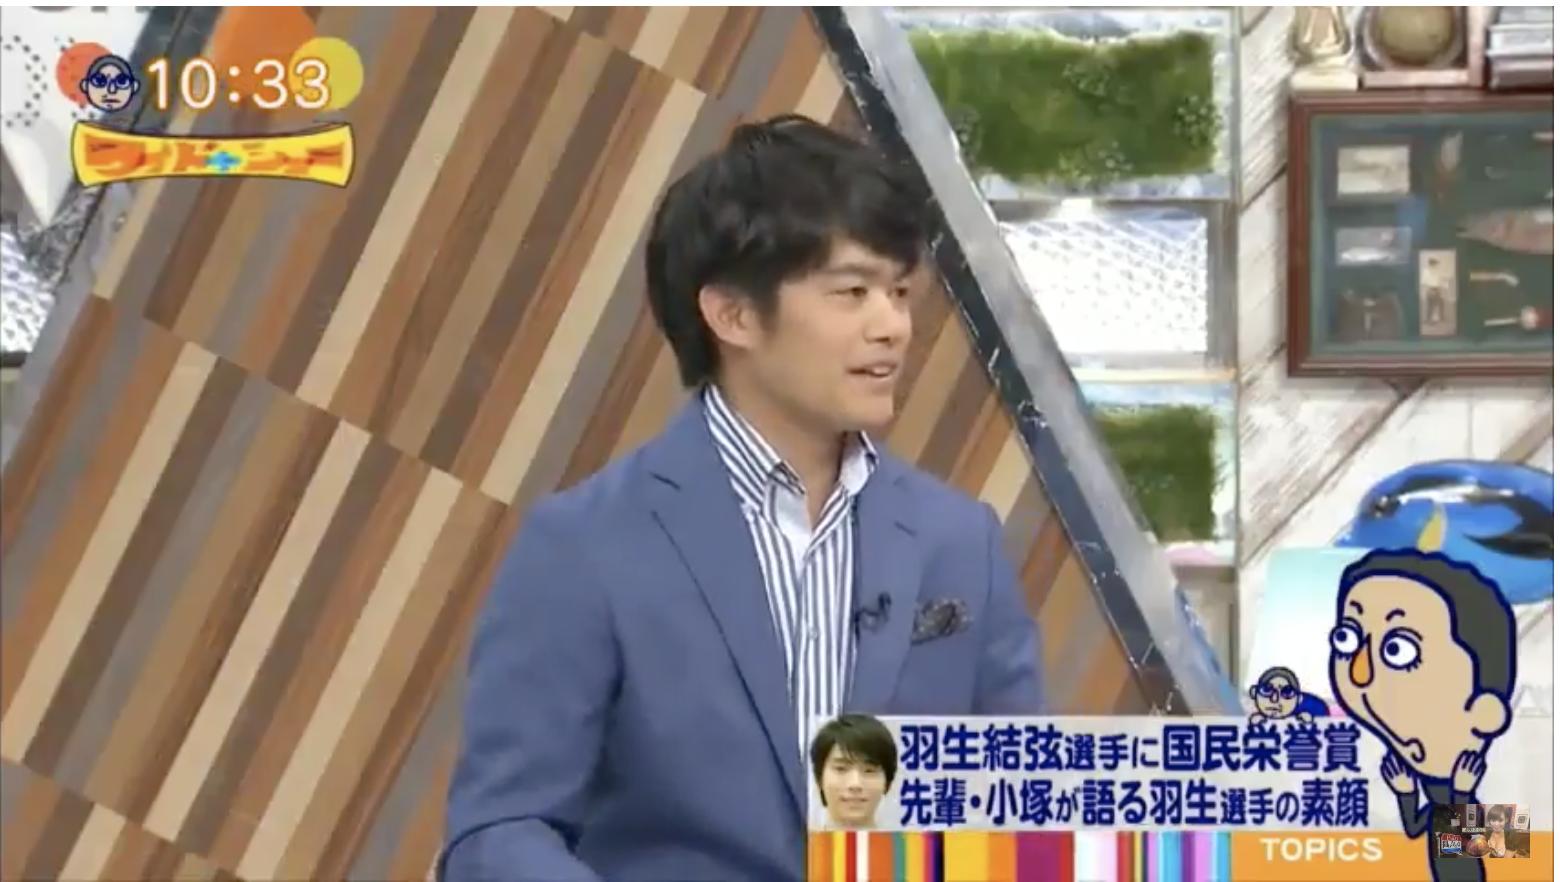 小塚崇彦氏がワイドナショーに生出演!羽生結弦について「本当に、それこそ半端ねぇやつ」